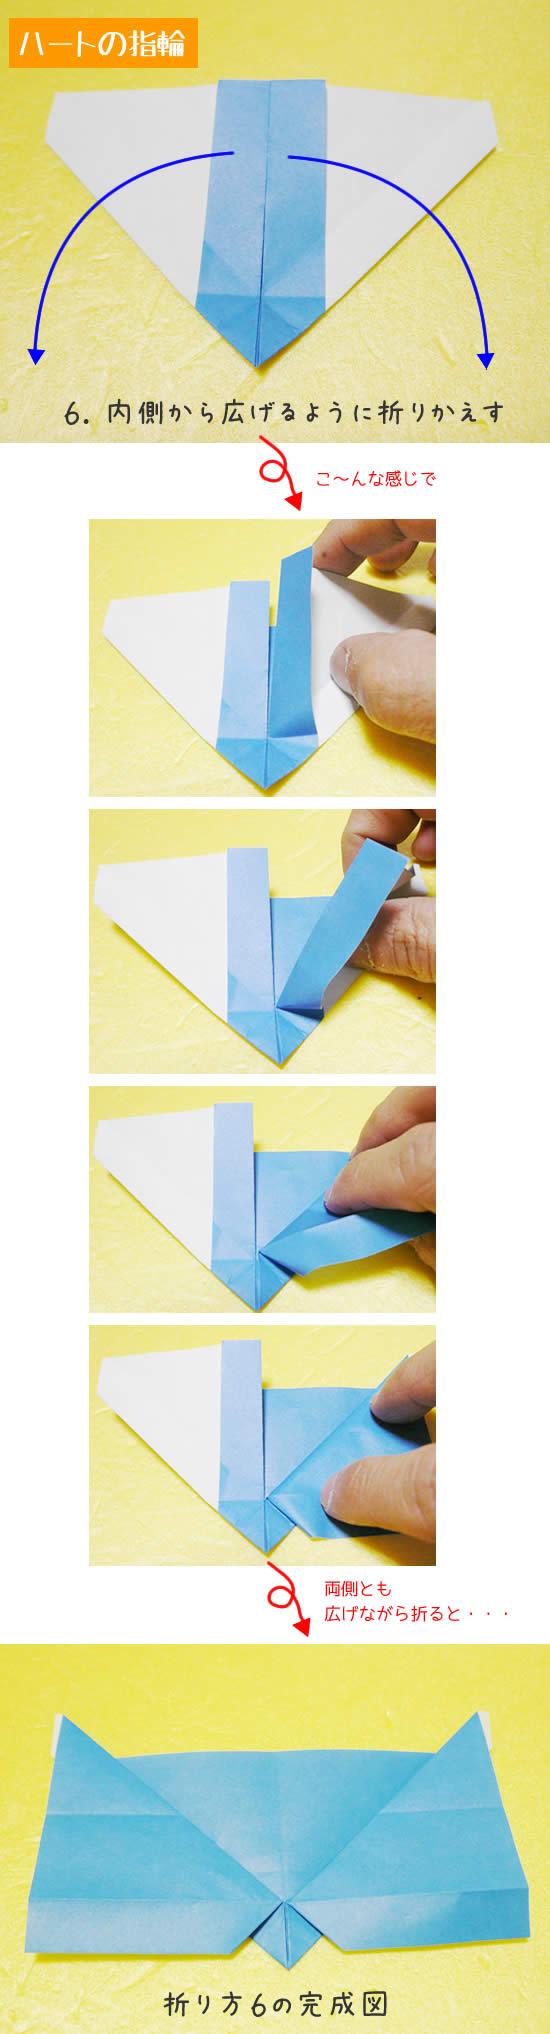 ハートの指輪 折り方6